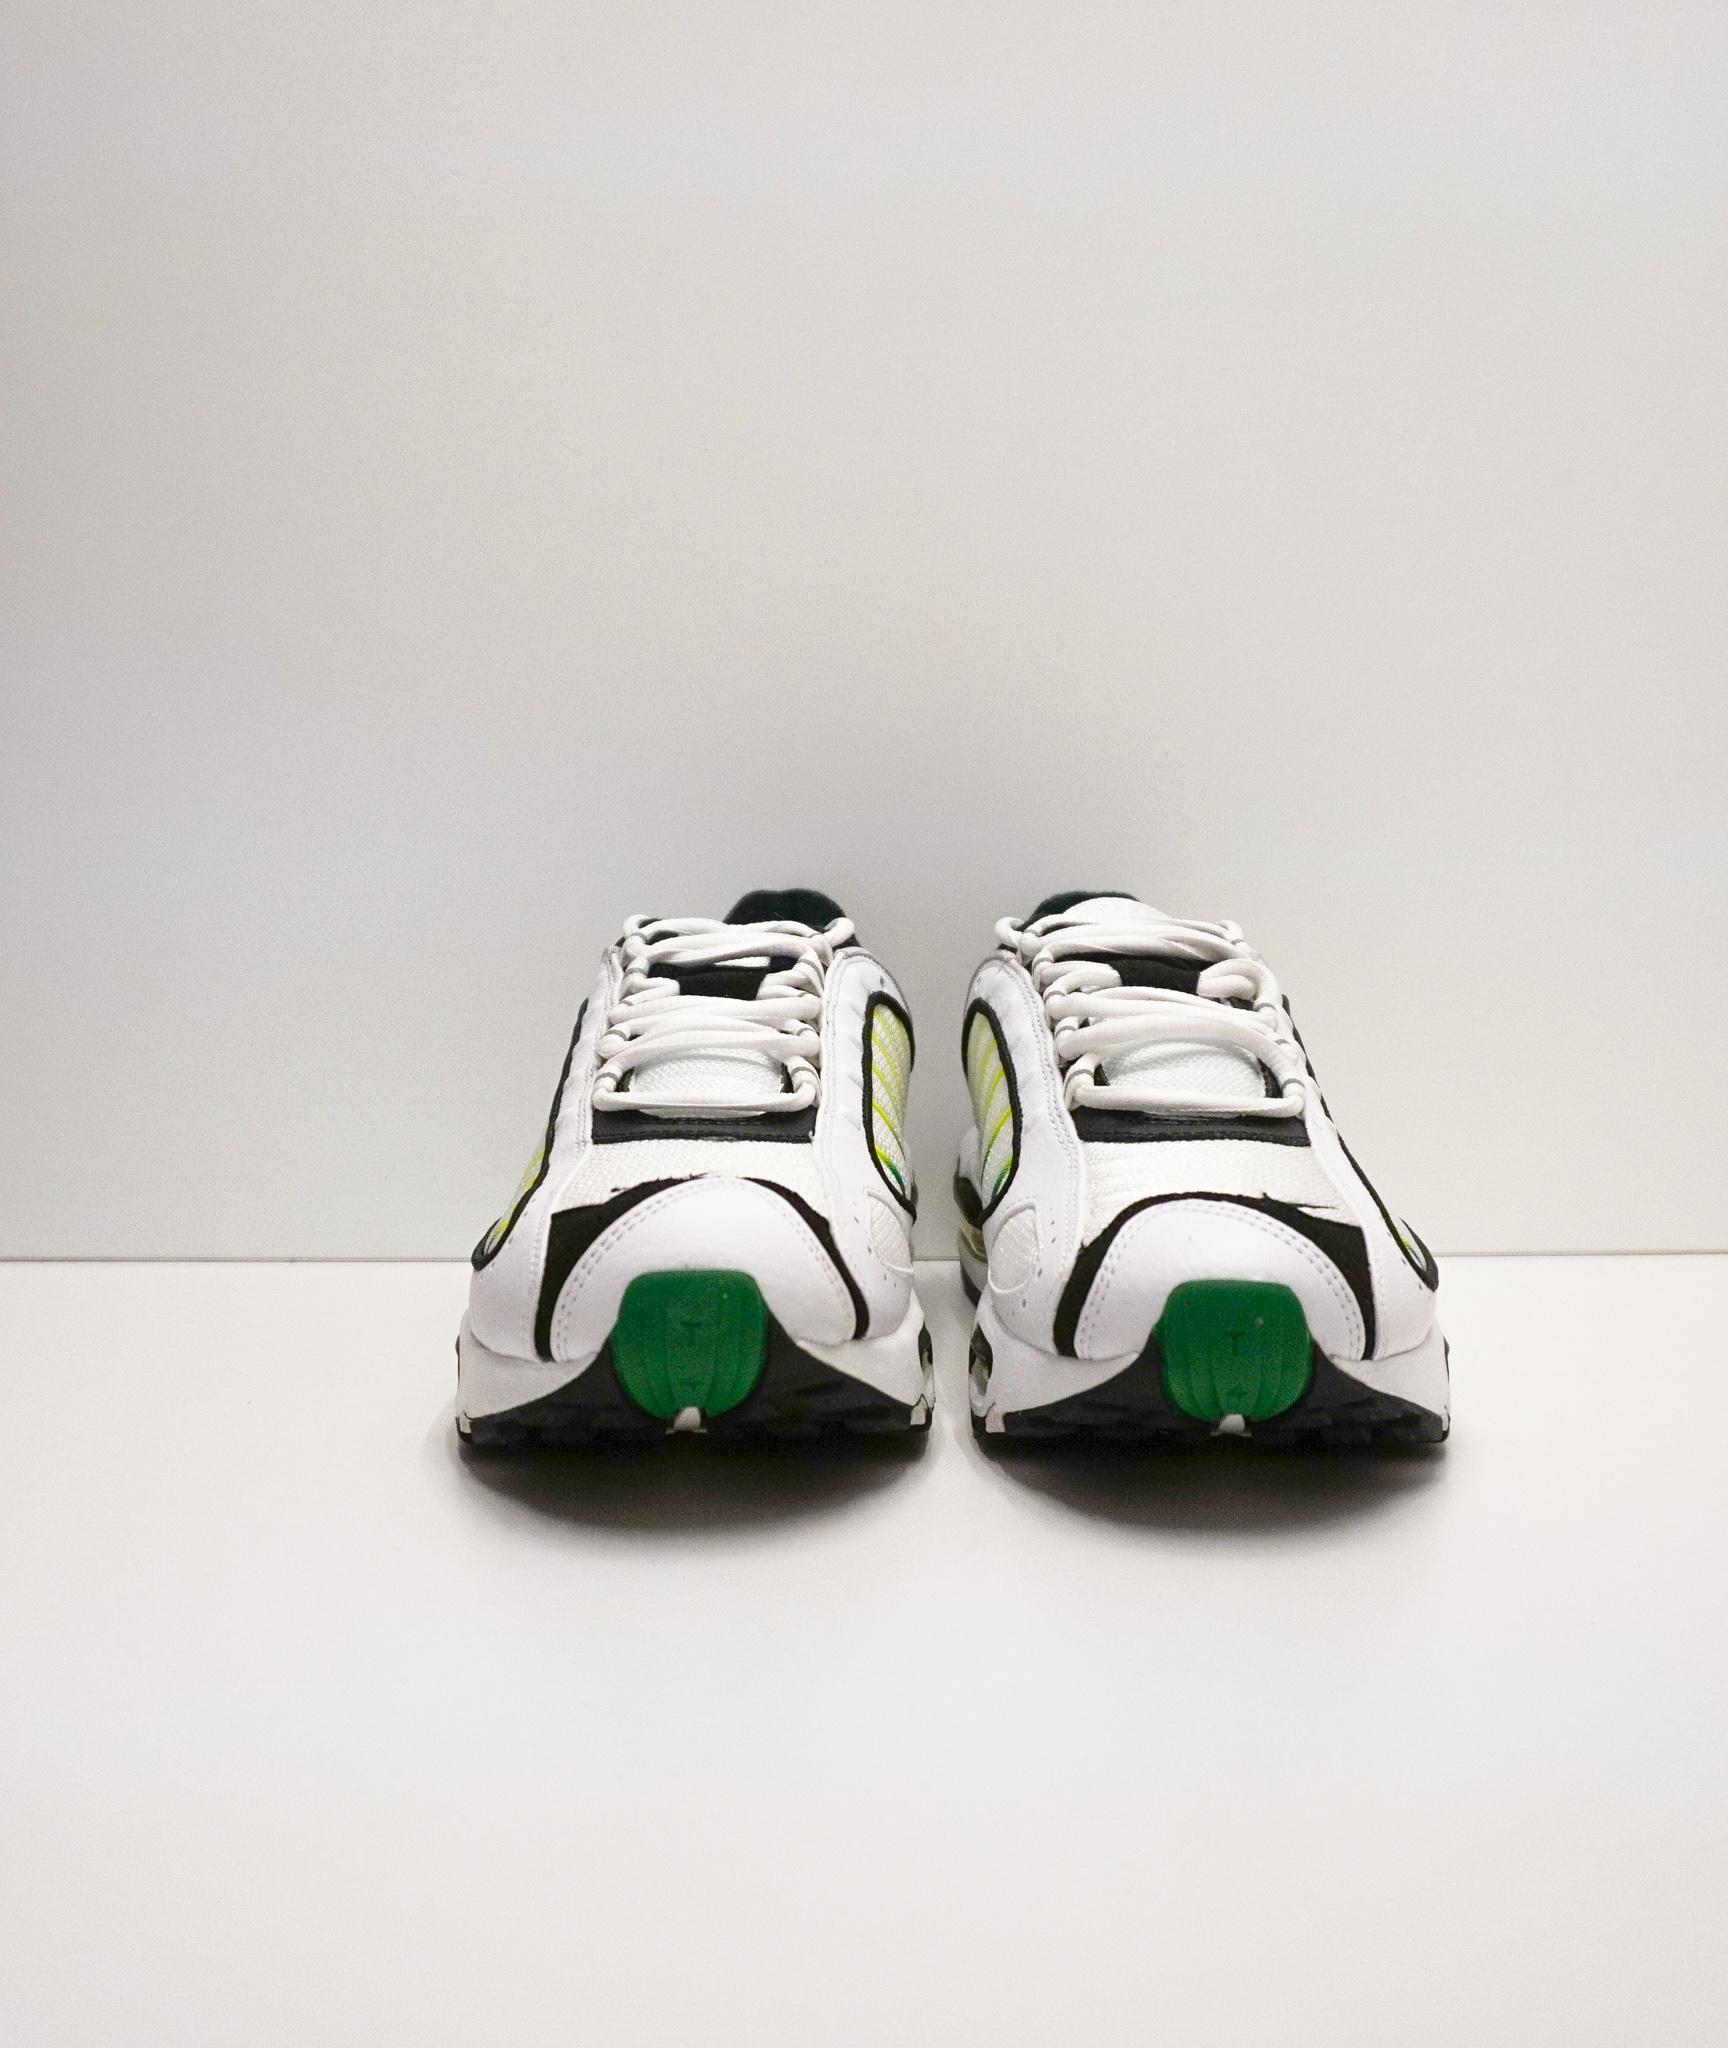 Nike Air Max Tailwind 4 White Volt Black